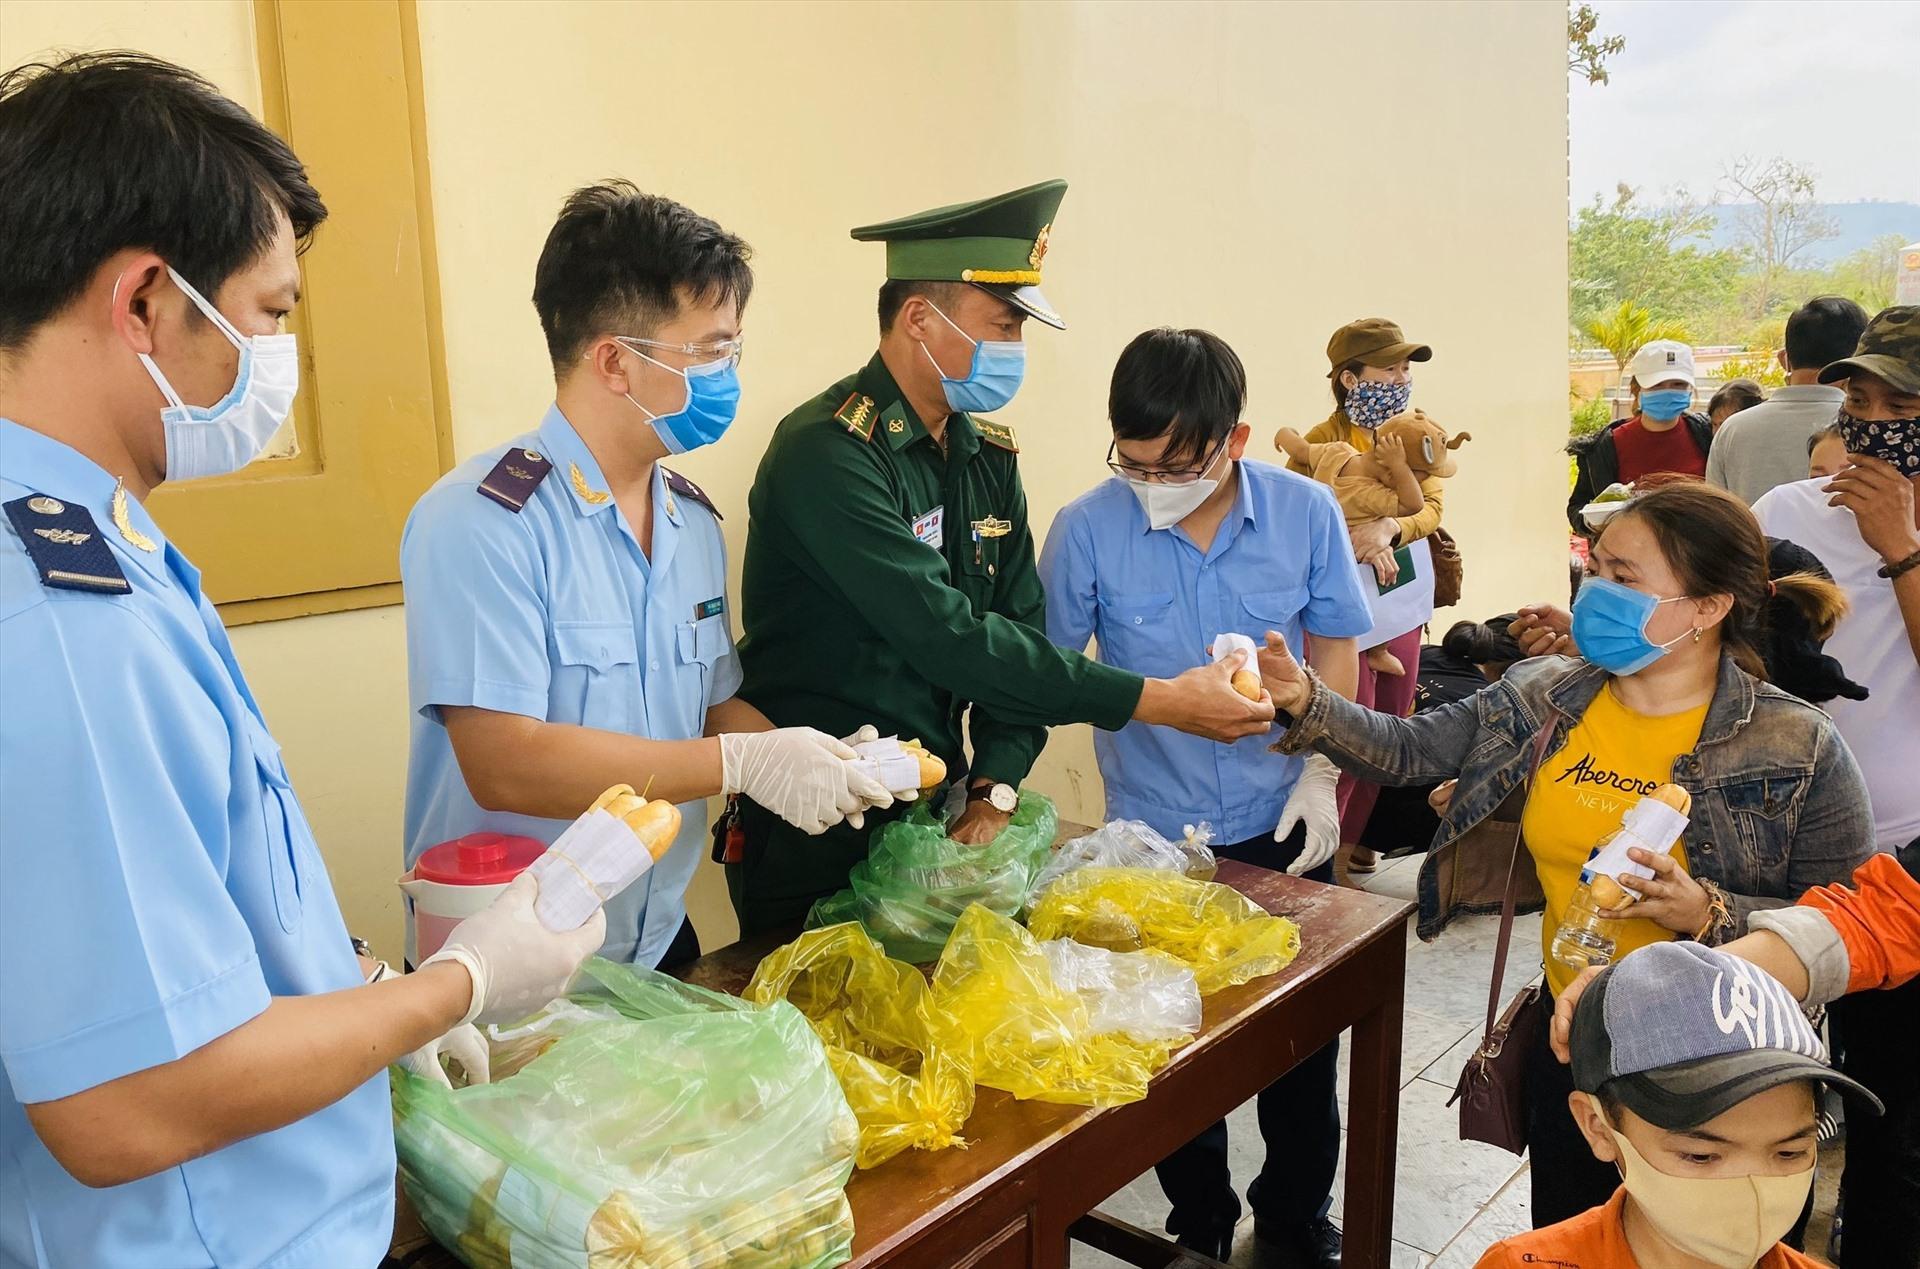 Đến giờ ăn, các lực lượng tại cửa khẩu sẽ phát thức ăn, nước uống cho từng người đang đợi làm thủ tục về khu cách ly tập trung.